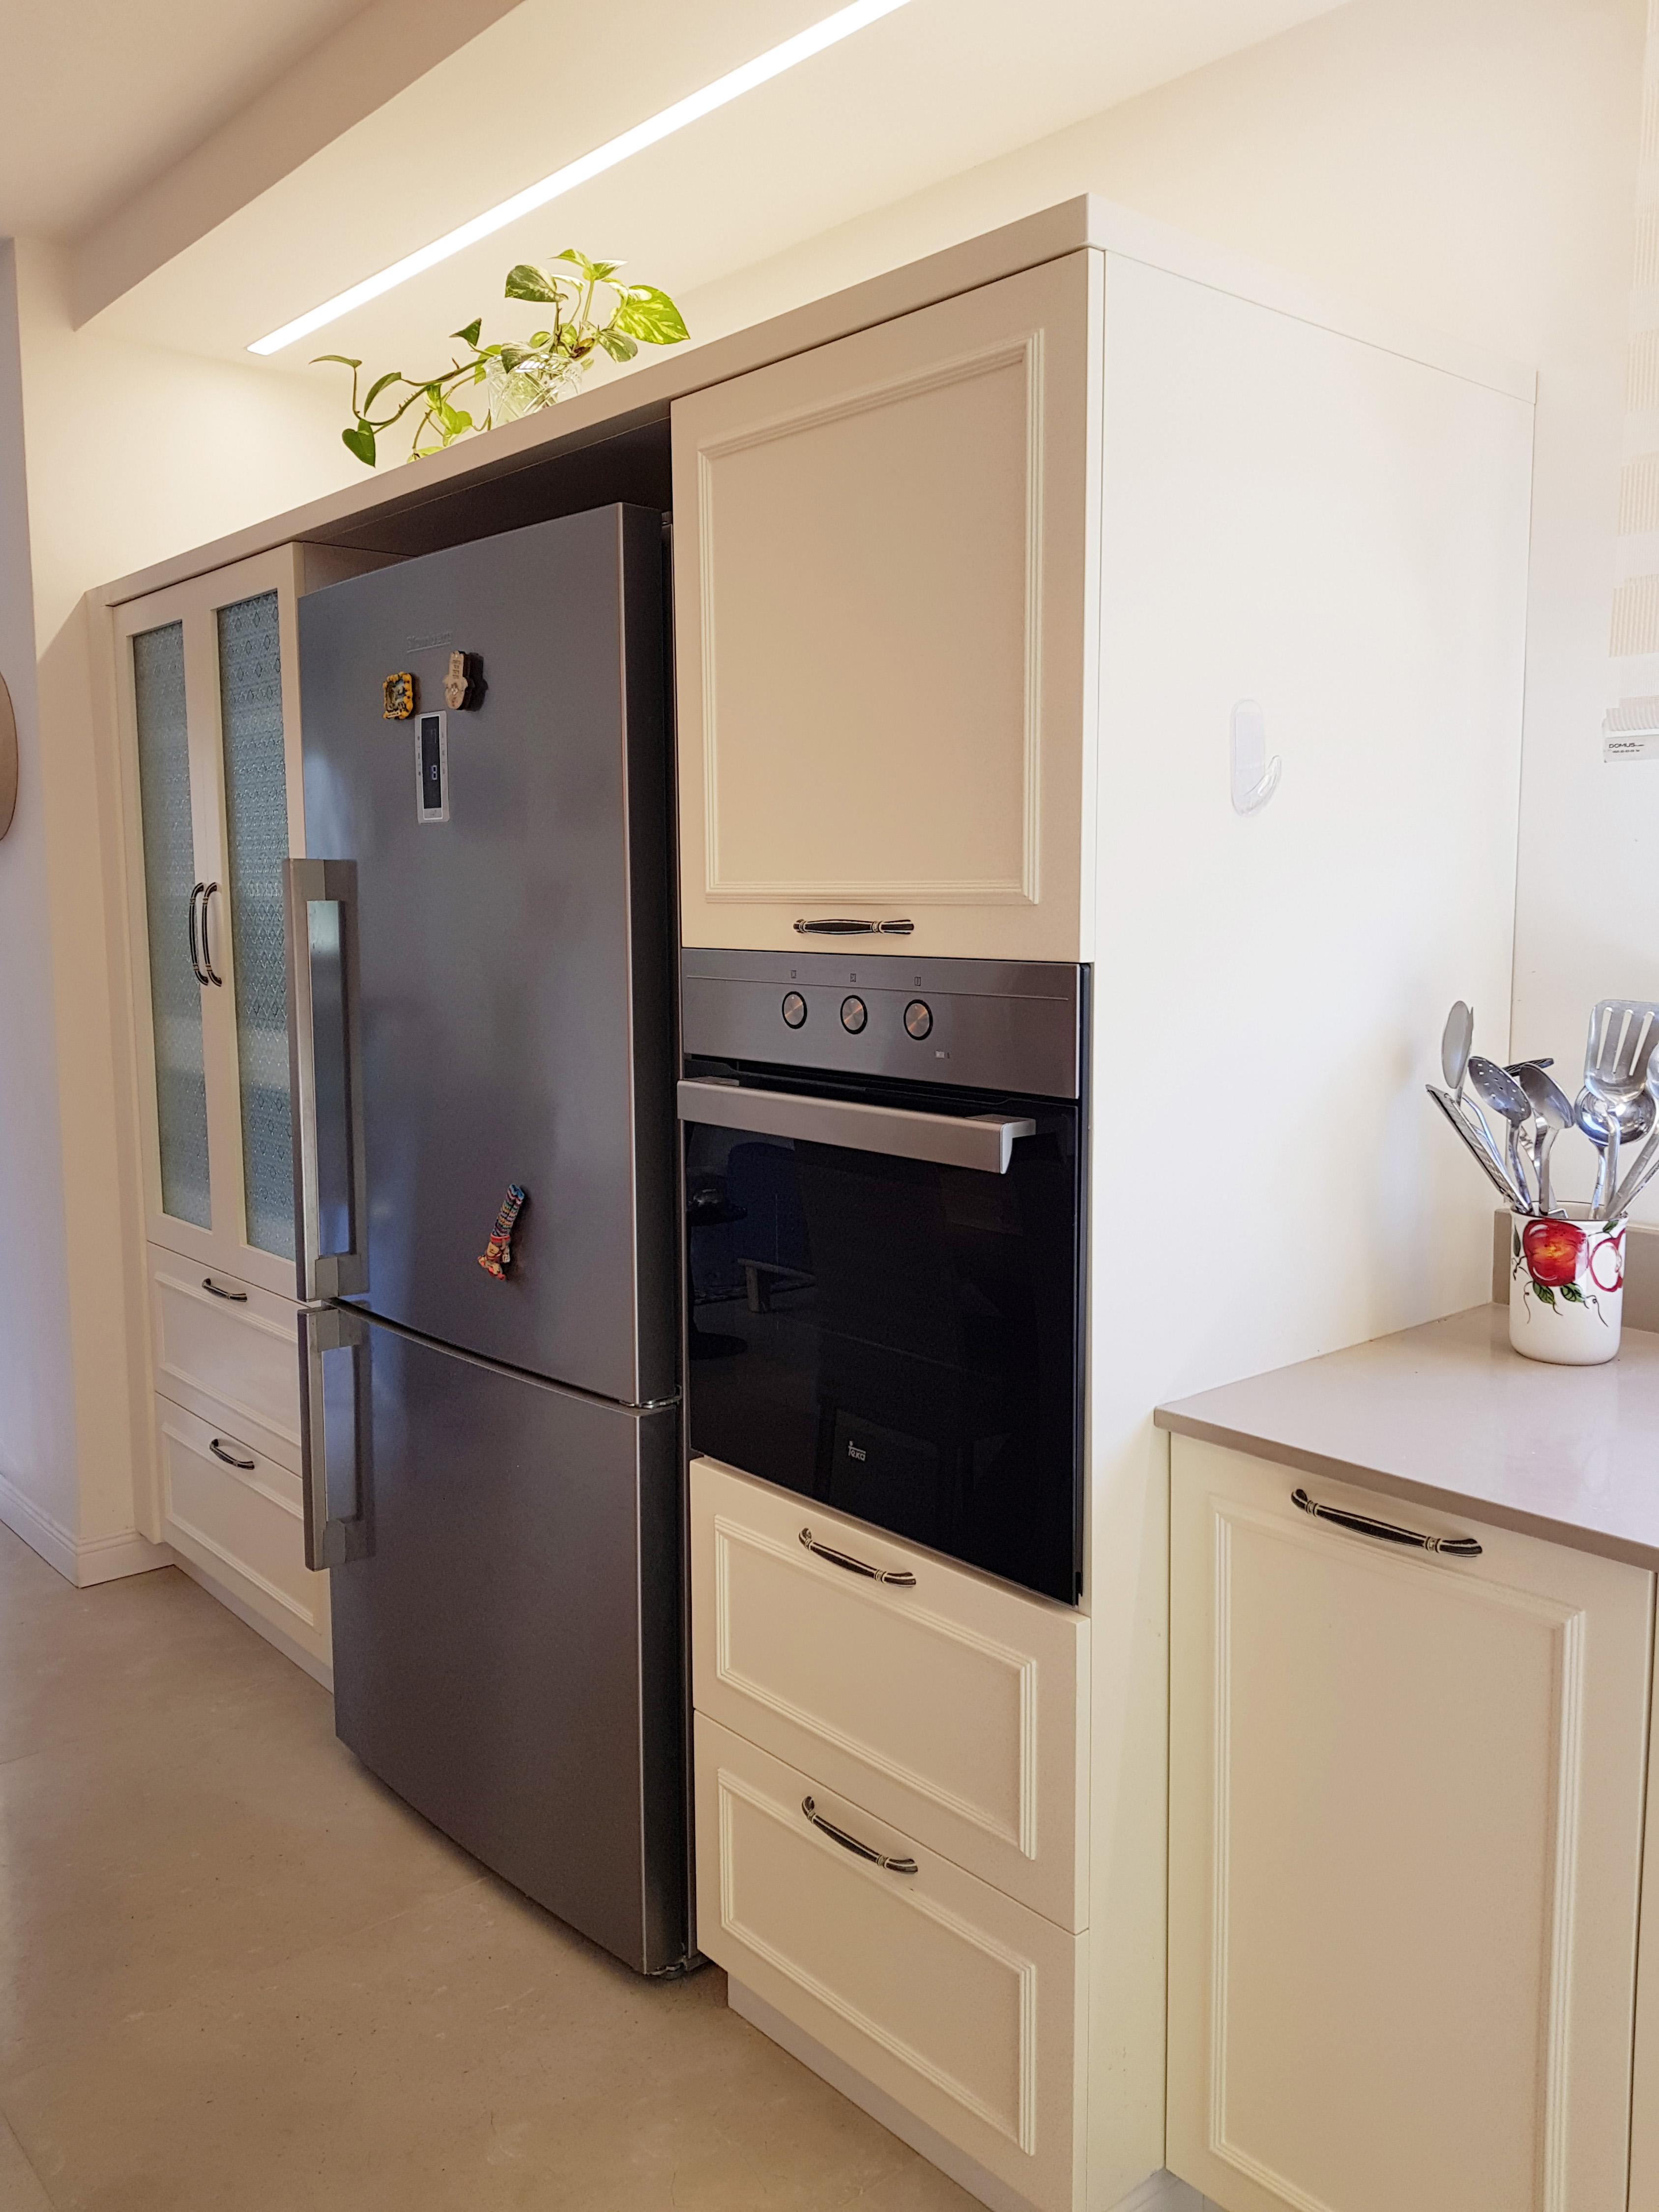 אזור המקרר במטבח